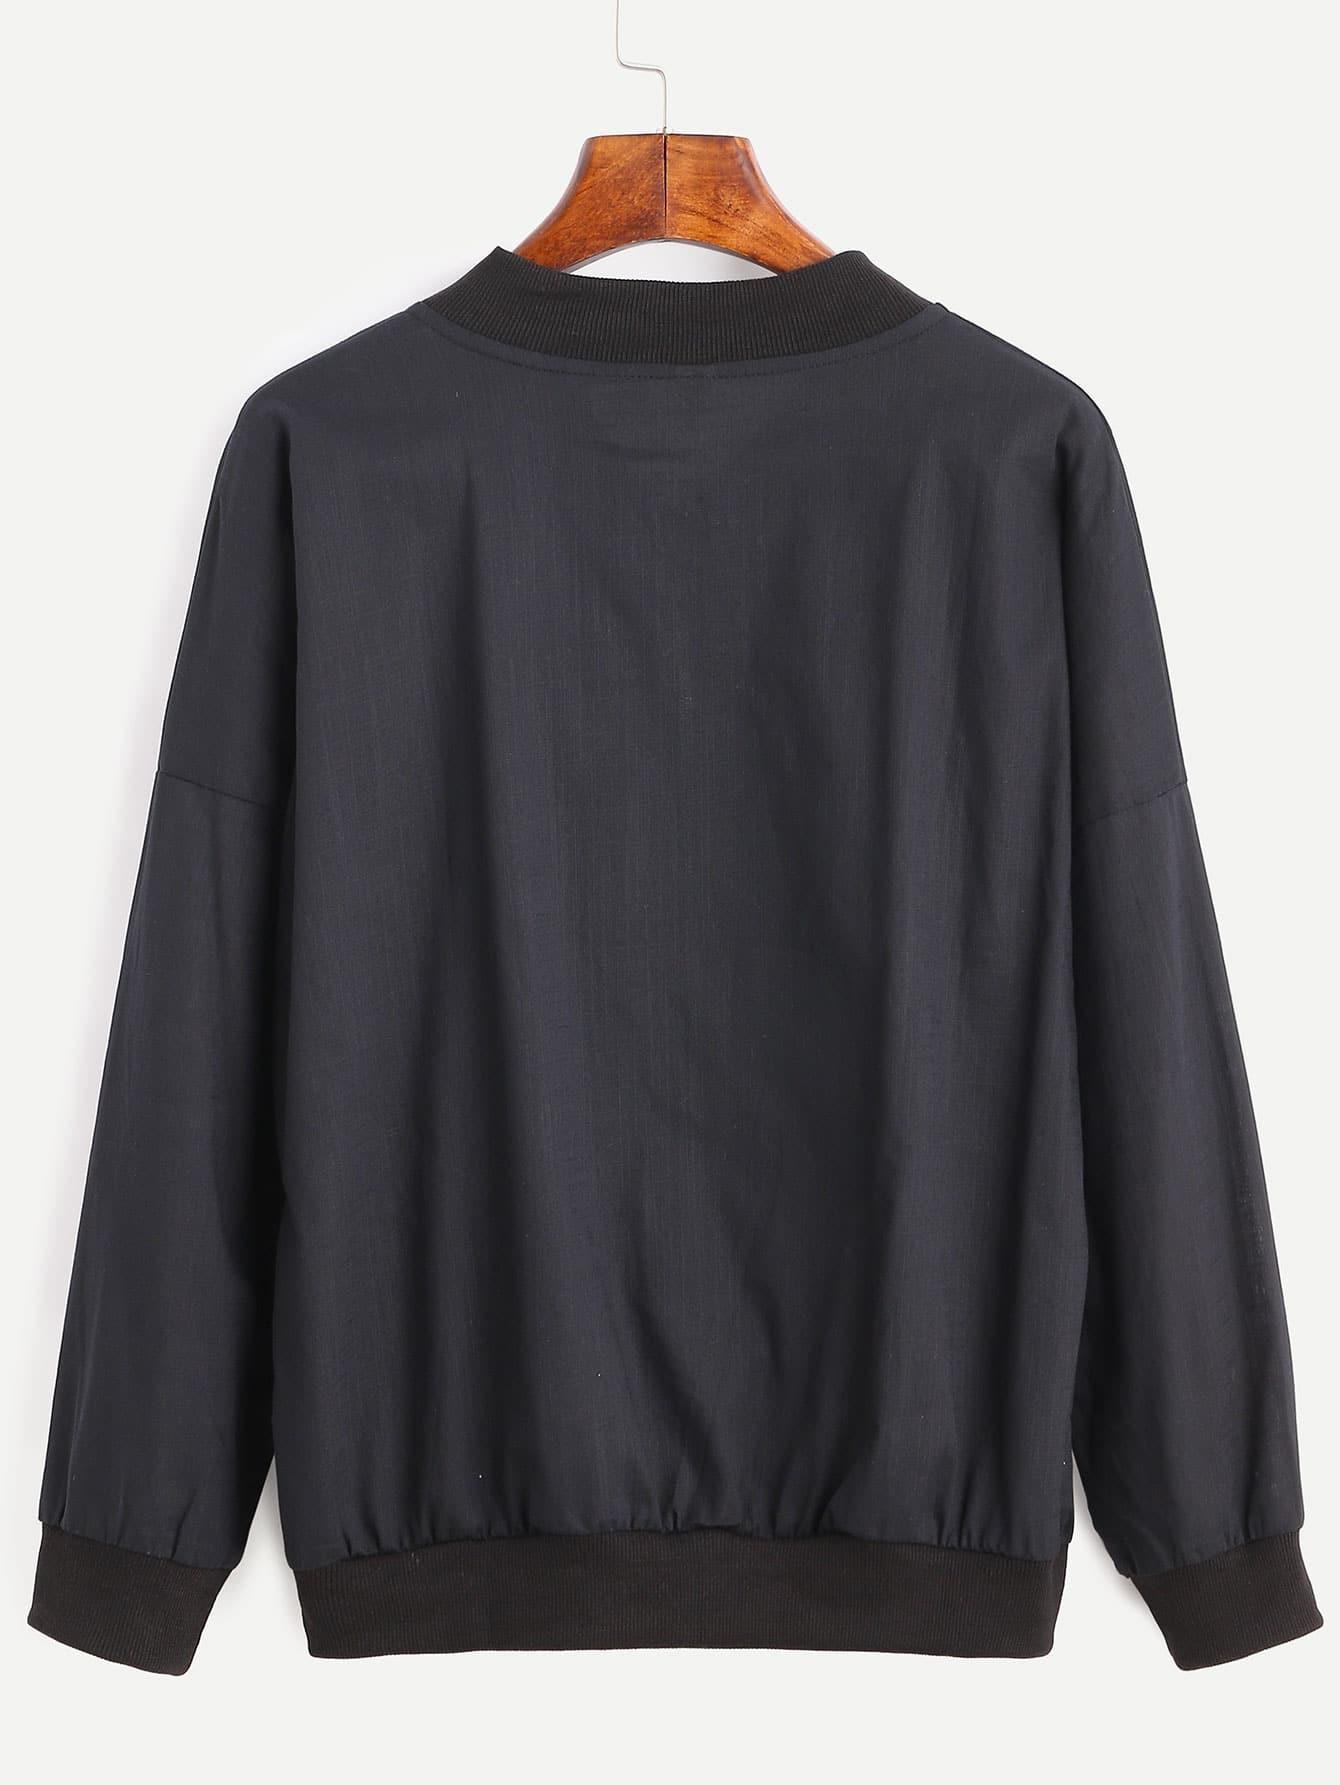 jacket160812121_2